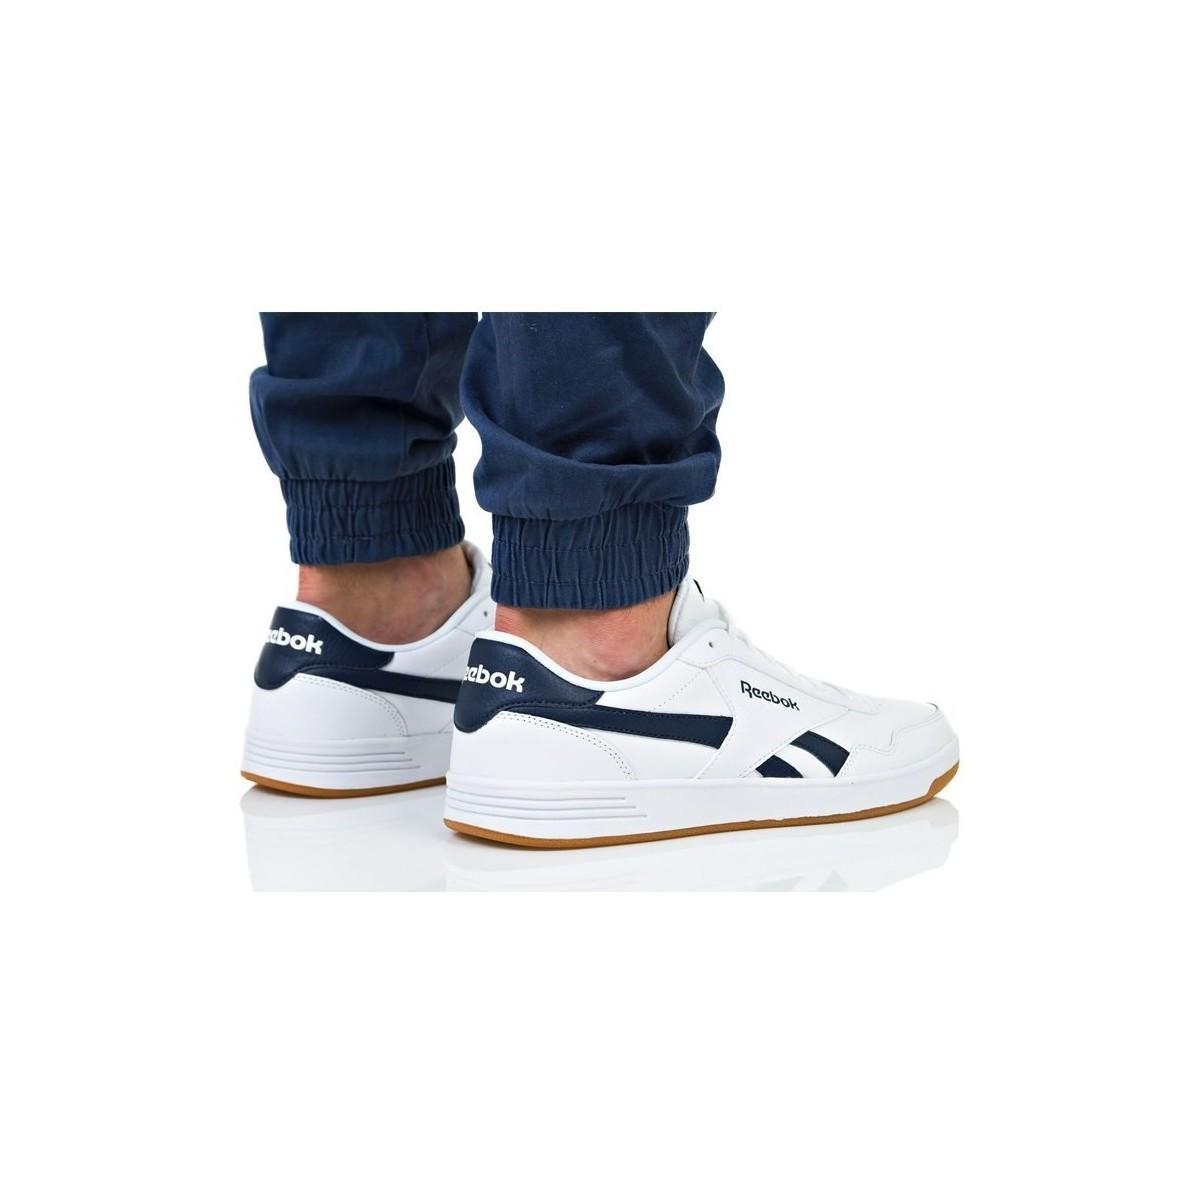 Royal Techque T hommes Chaussures en blanc Reebok pour homme en coloris Blanc